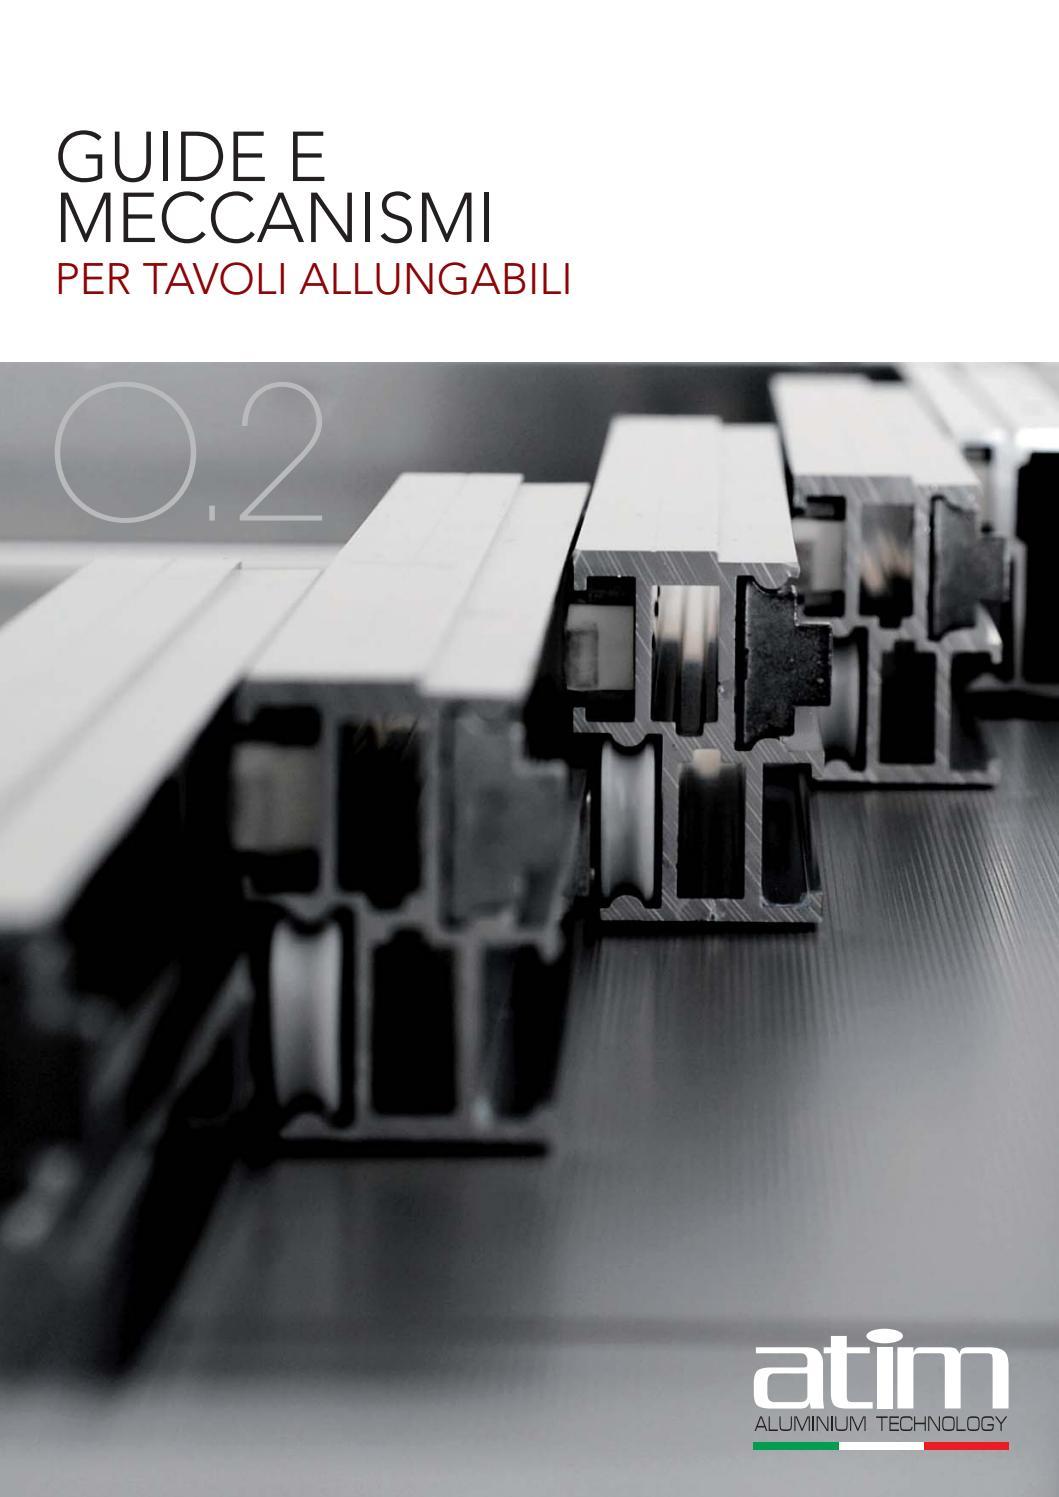 Cerniere Per Tavoli Allungabili.02 Guide E Meccanismi Per Tavoli Allungabili By Atim S P A Issuu